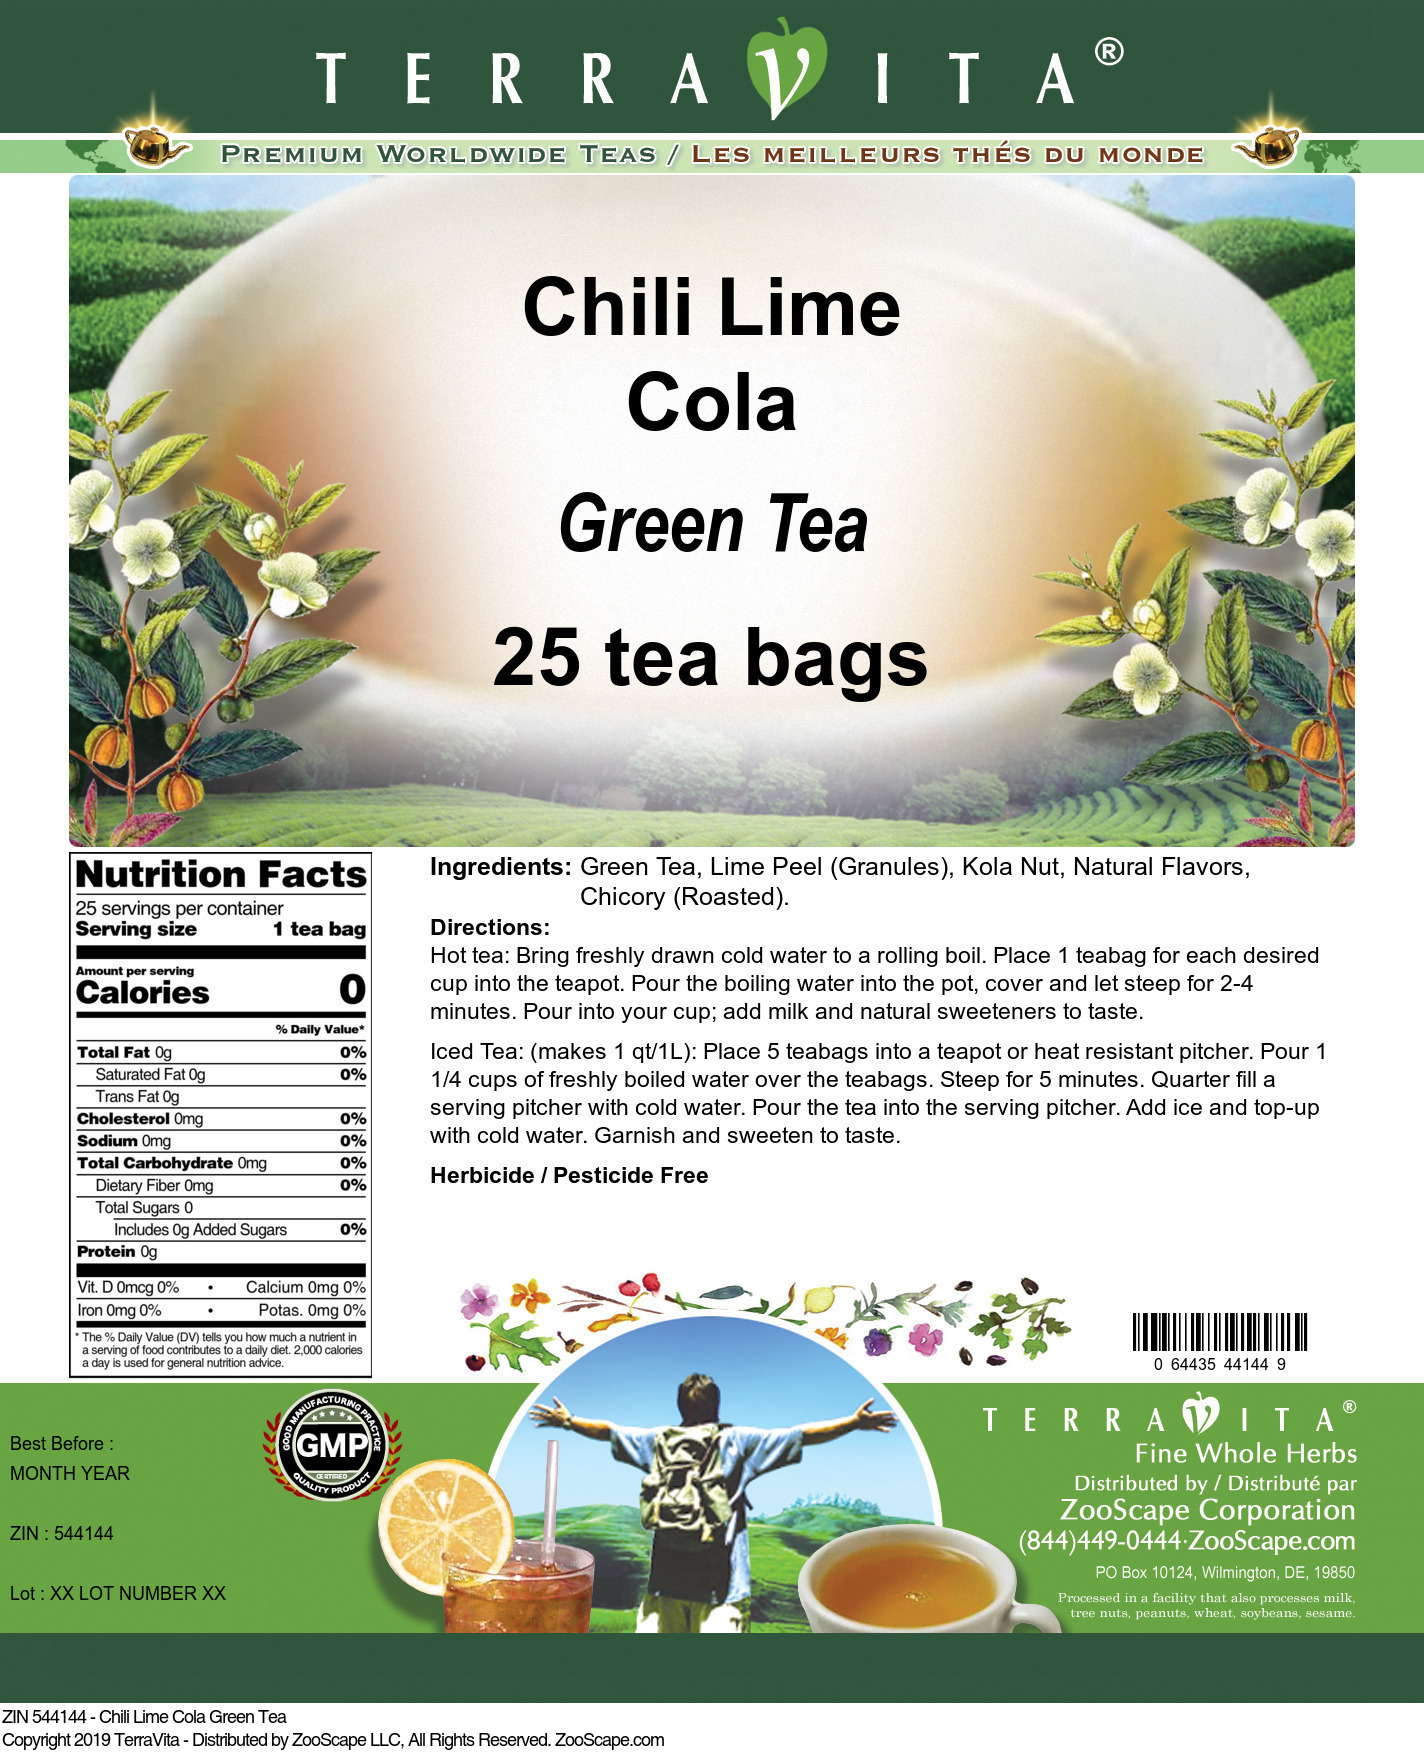 Chili Lime Cola Green Tea